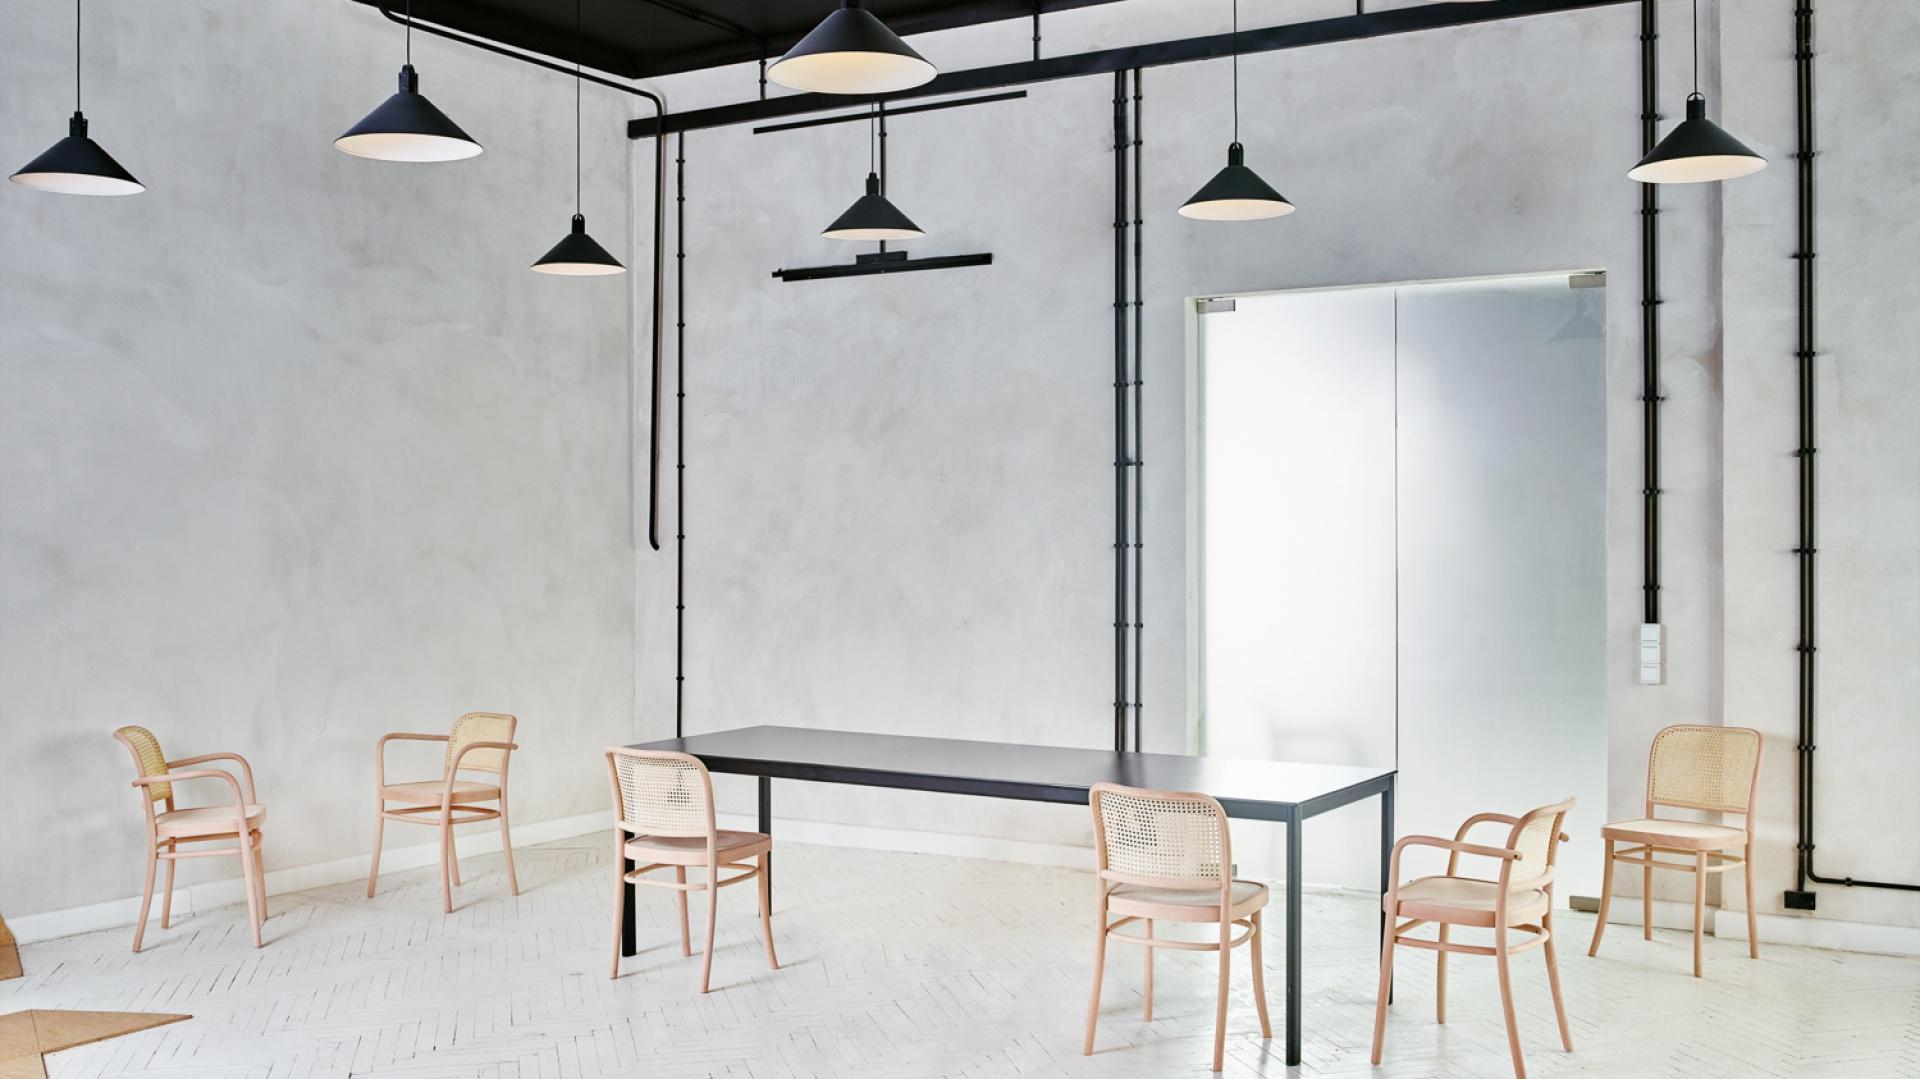 Zaprojektowana przez Tomka Rygalika dla Pagedu rodzina krzeseł wykonanych z gęciny Benko. Siedzisko i oparcie mebla wykonane zostały z plecionki. Mebel łączy w sobie nowoczesne i tradycyjne, zanikające już technologie. Fot. Ernest Wińczyk.